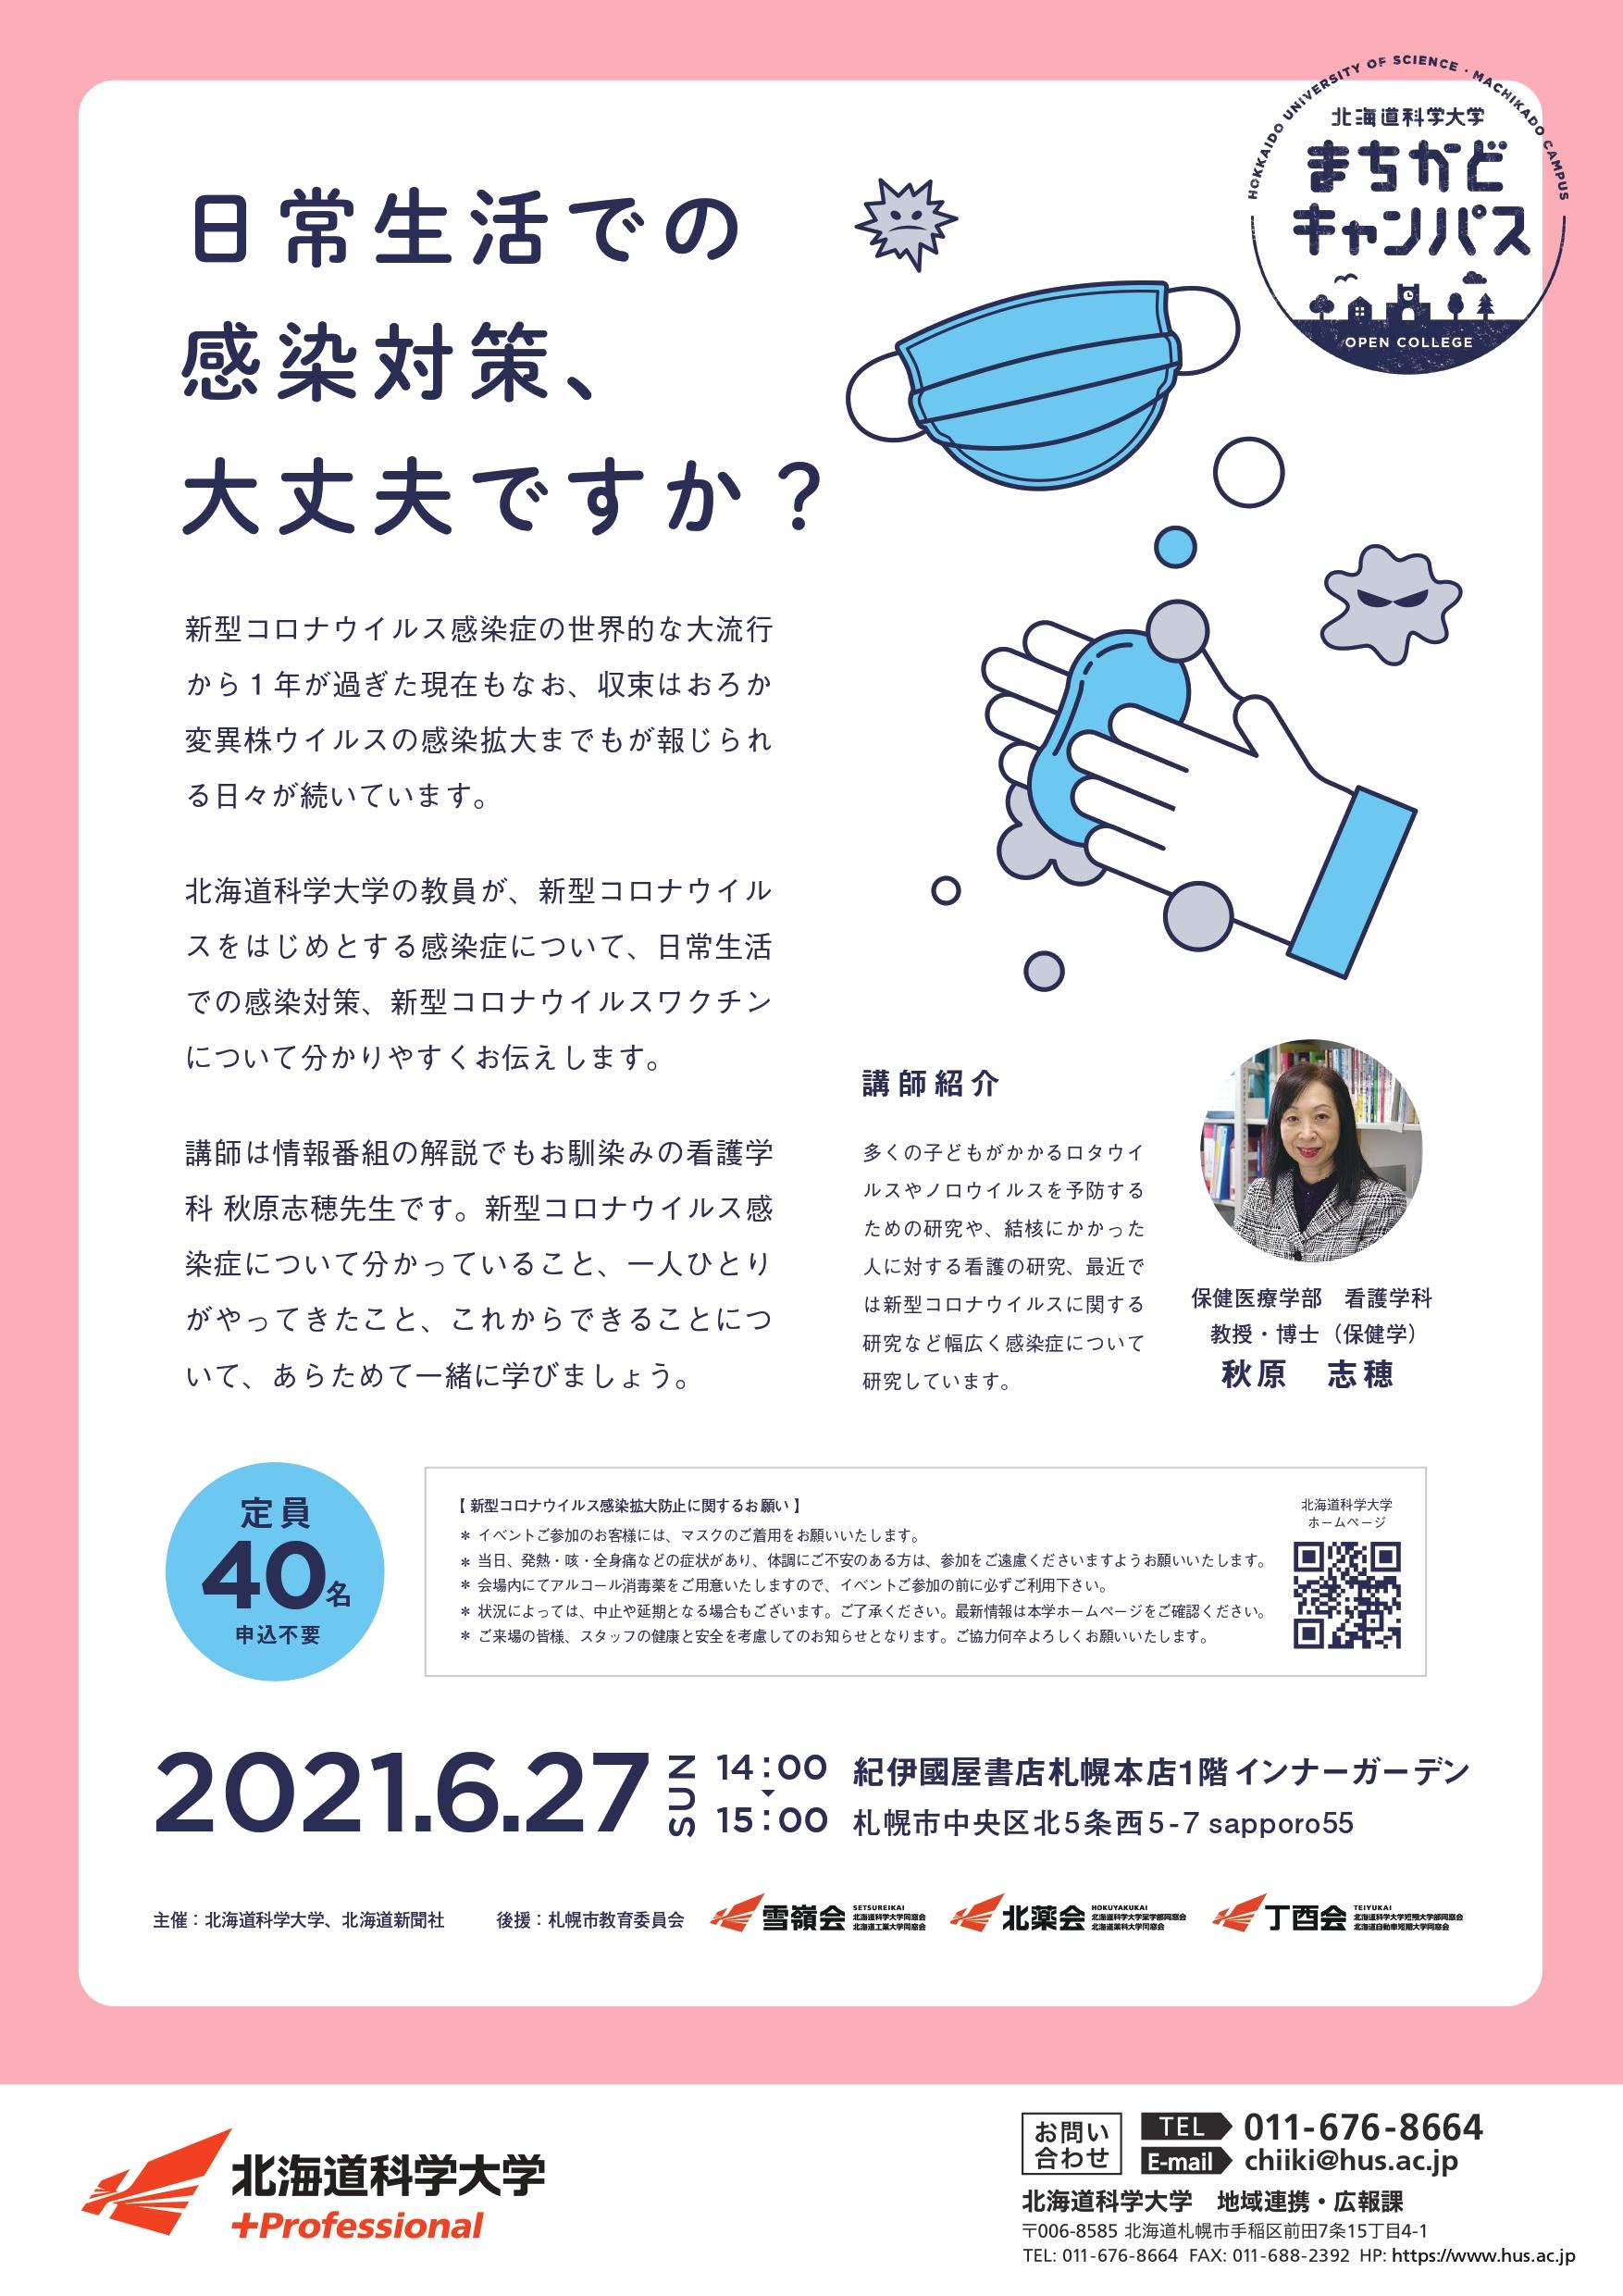 紀伊國屋書店:北海道科学大学まちかどキャンパス 「日常生活での感染対策、大丈夫ですか?」